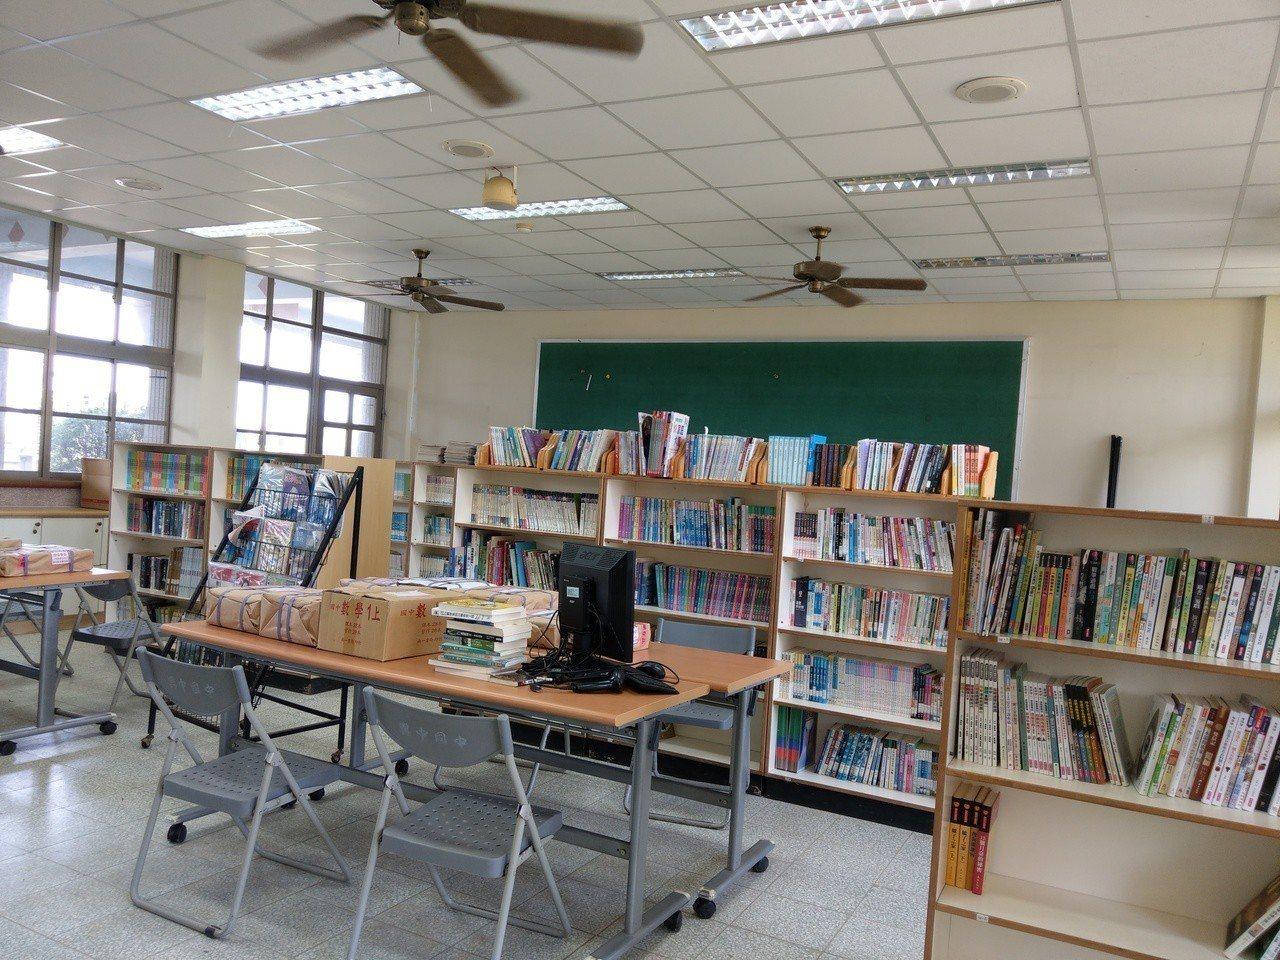 興中國中的圖書館書籍 無法擠進只有一間教室空間大的閱覽室。 記者戴永華/攝影